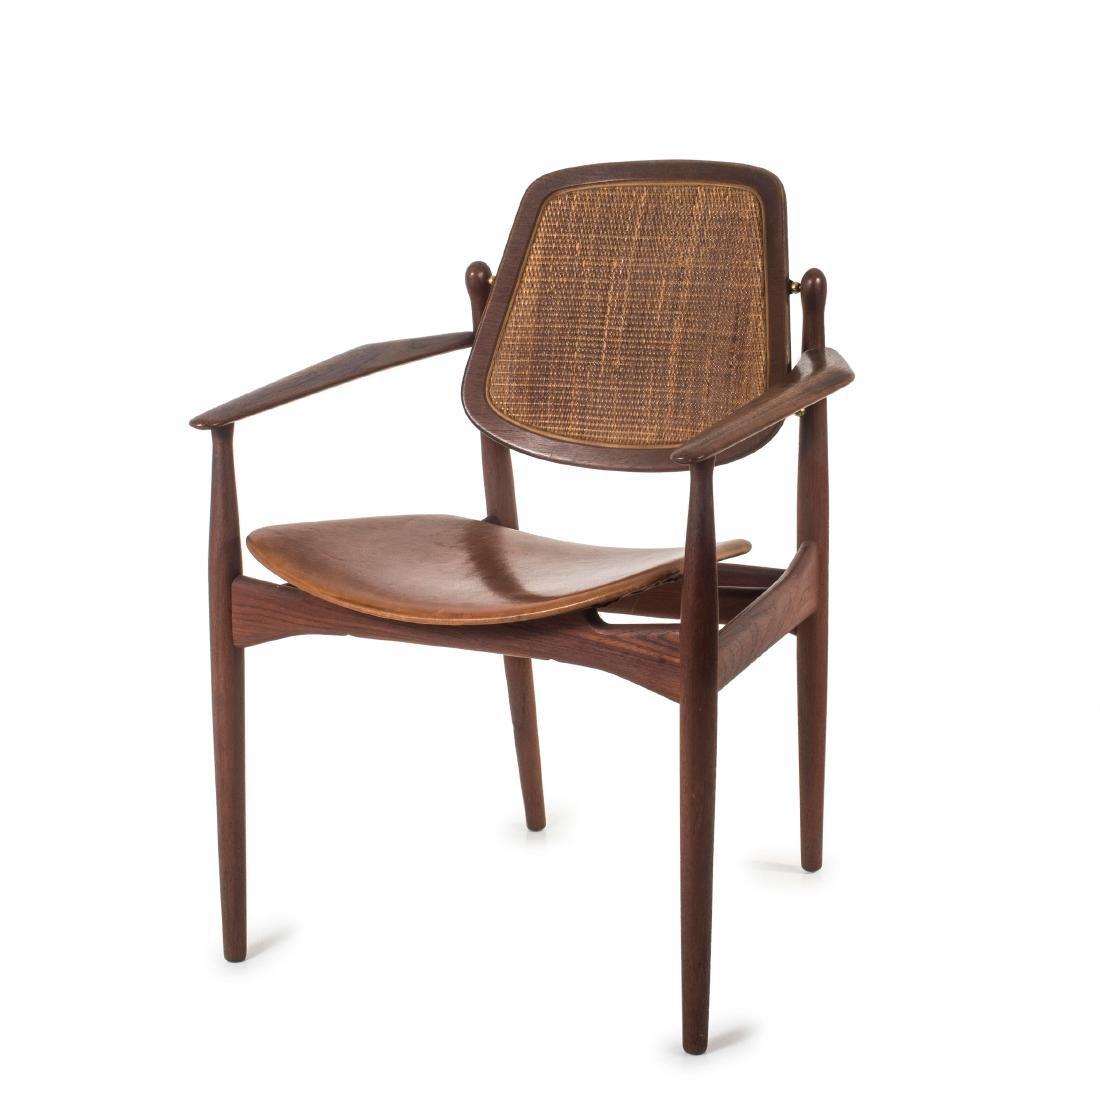 'FD 186' armchair, 1956